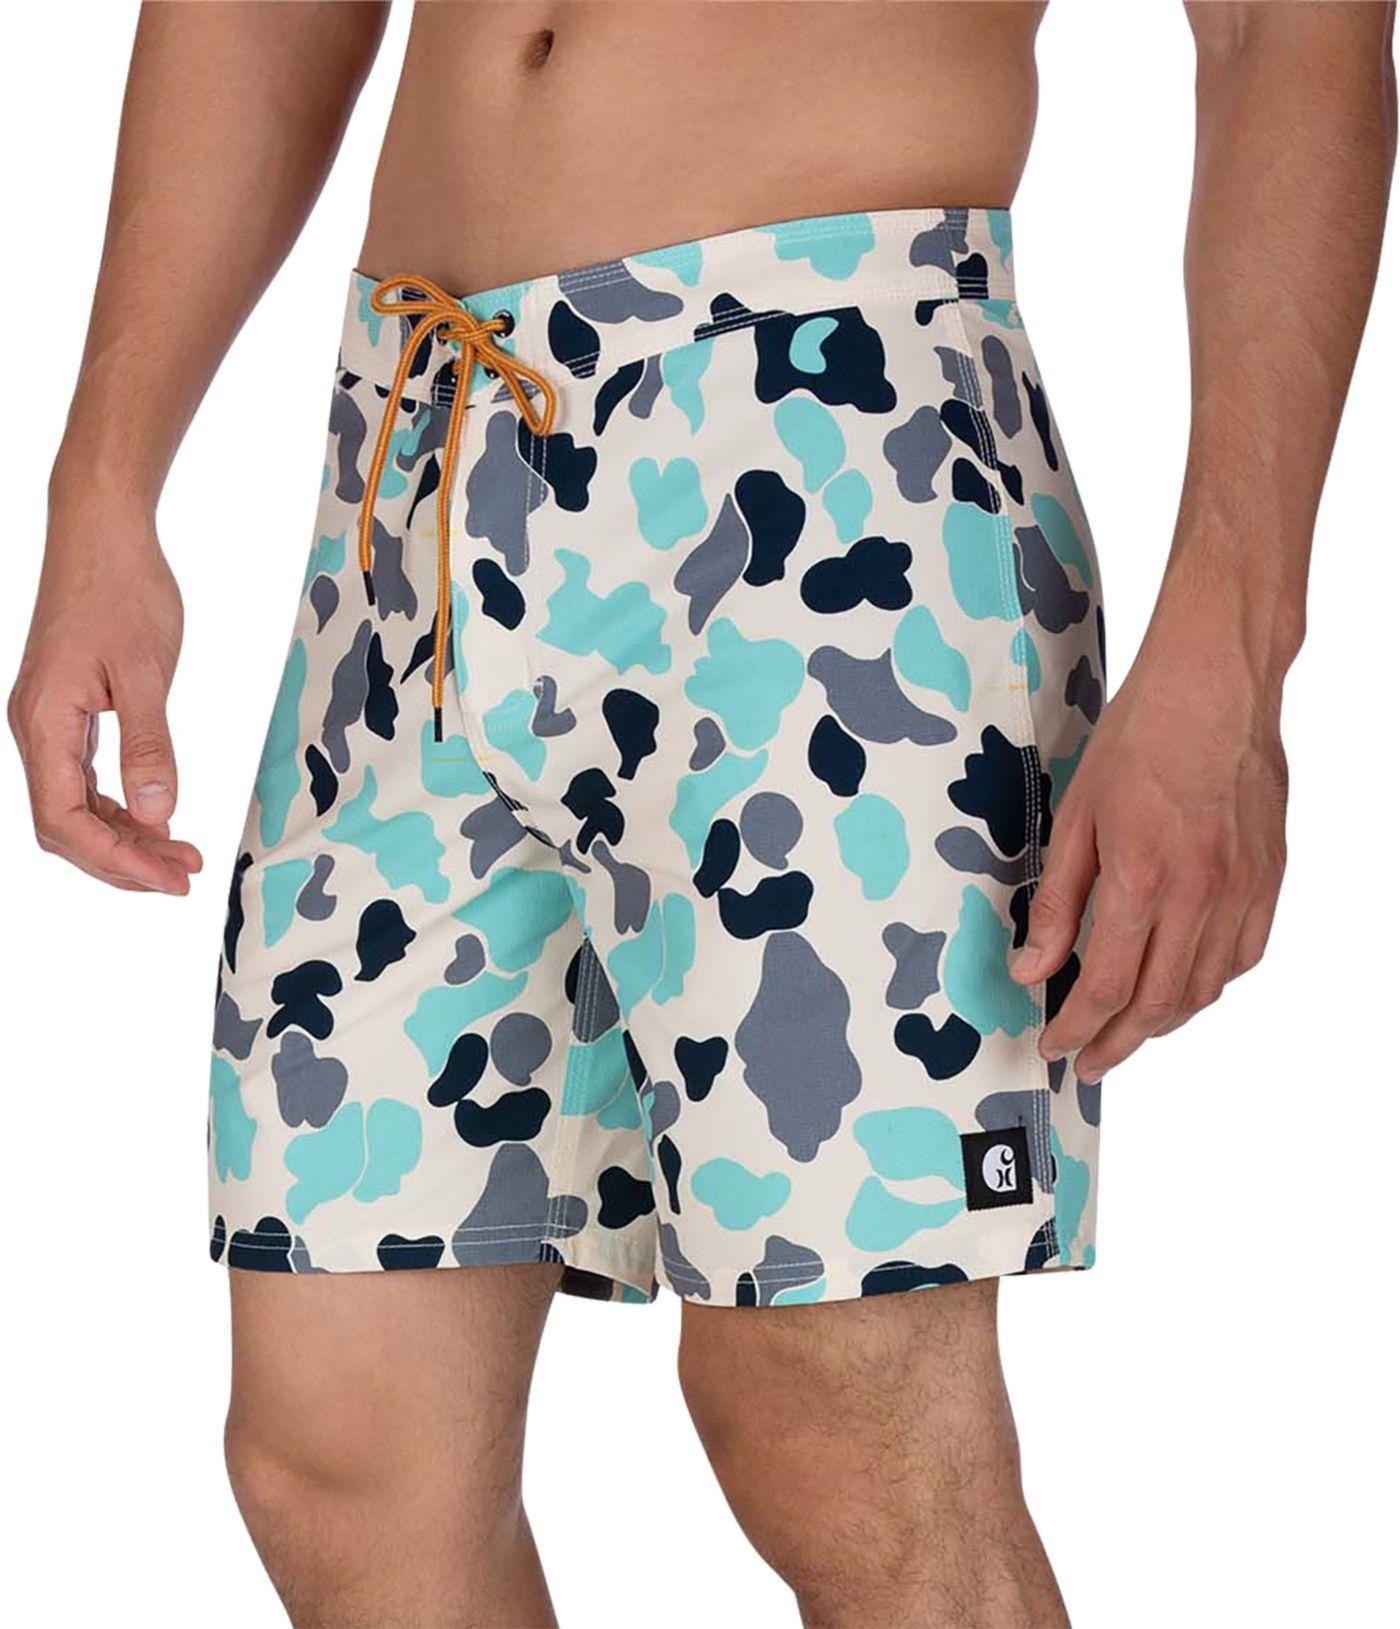 Hurley Men's Carhartt Board Shorts